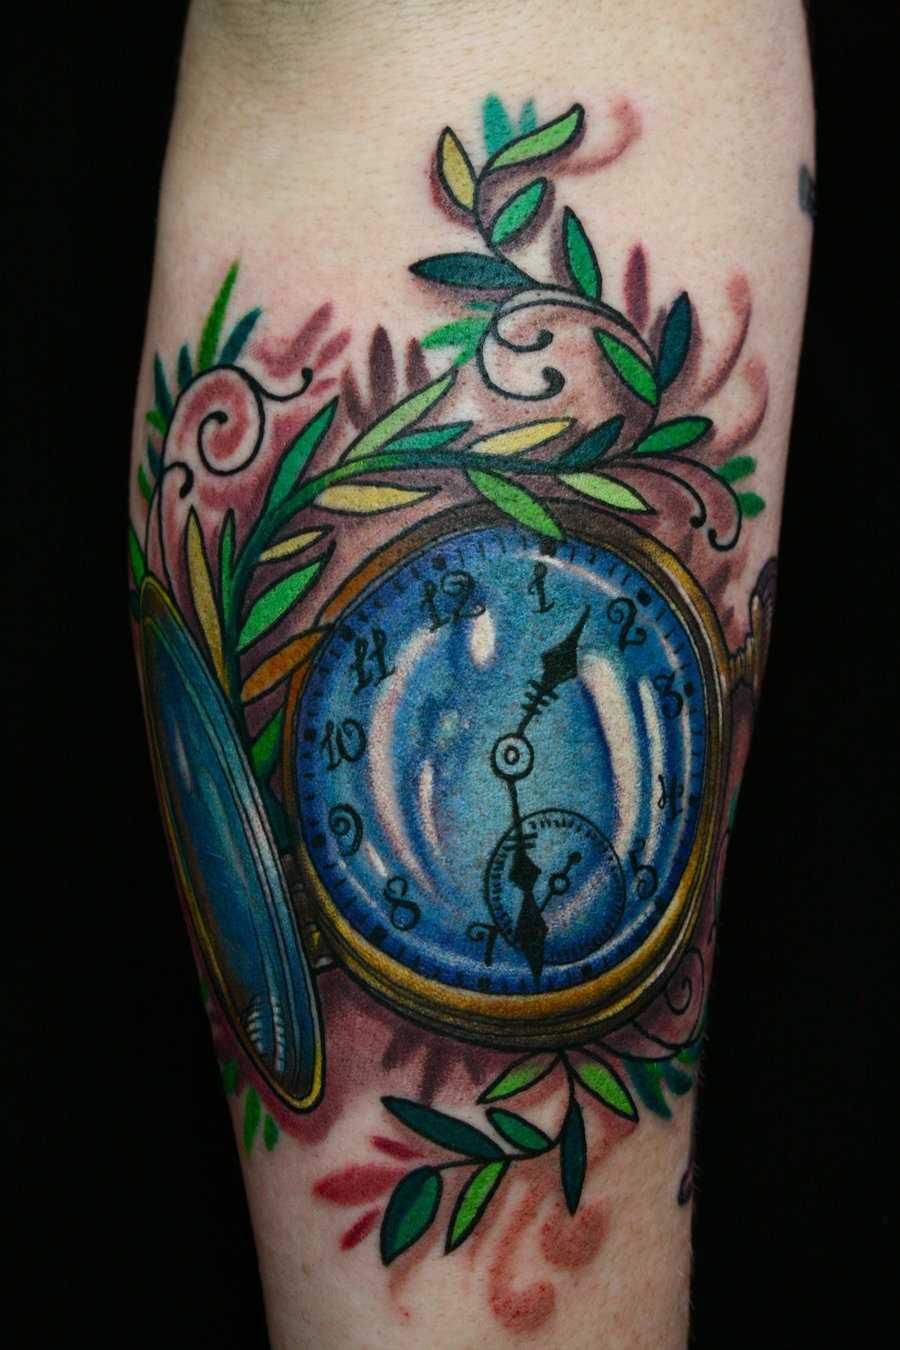 Bela tatuagem no antebraço, as meninas - relógio de bolso